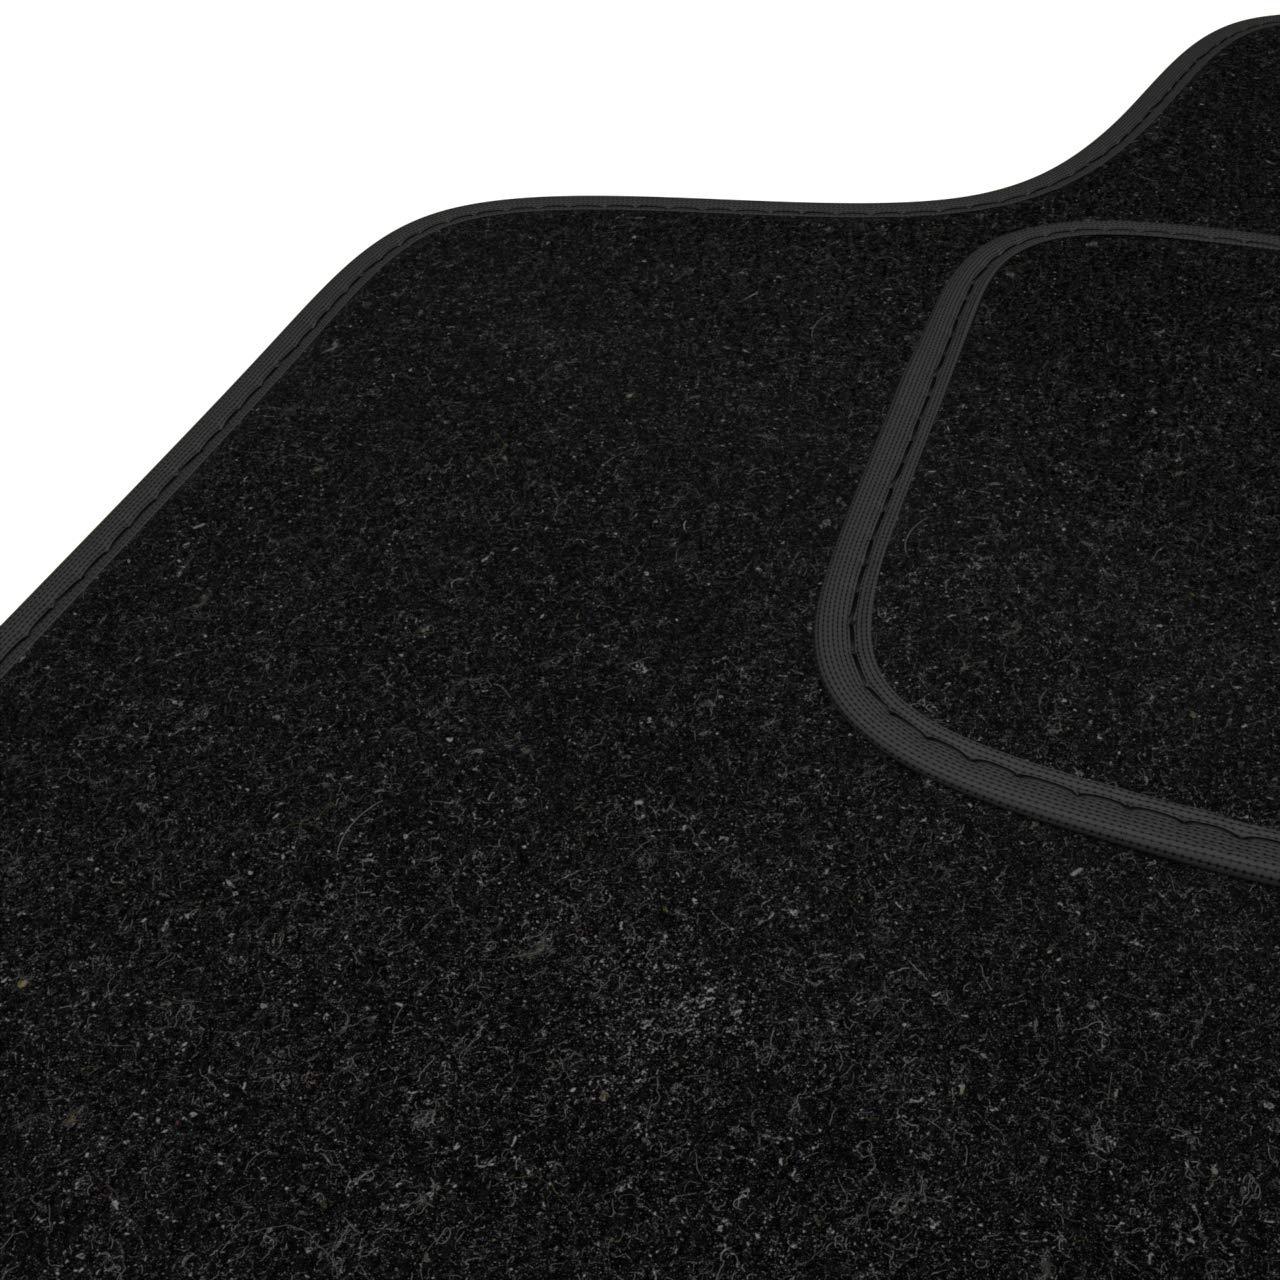 Negro Mossa Alfombrillas de Velour 2 Piezas 5902538853453